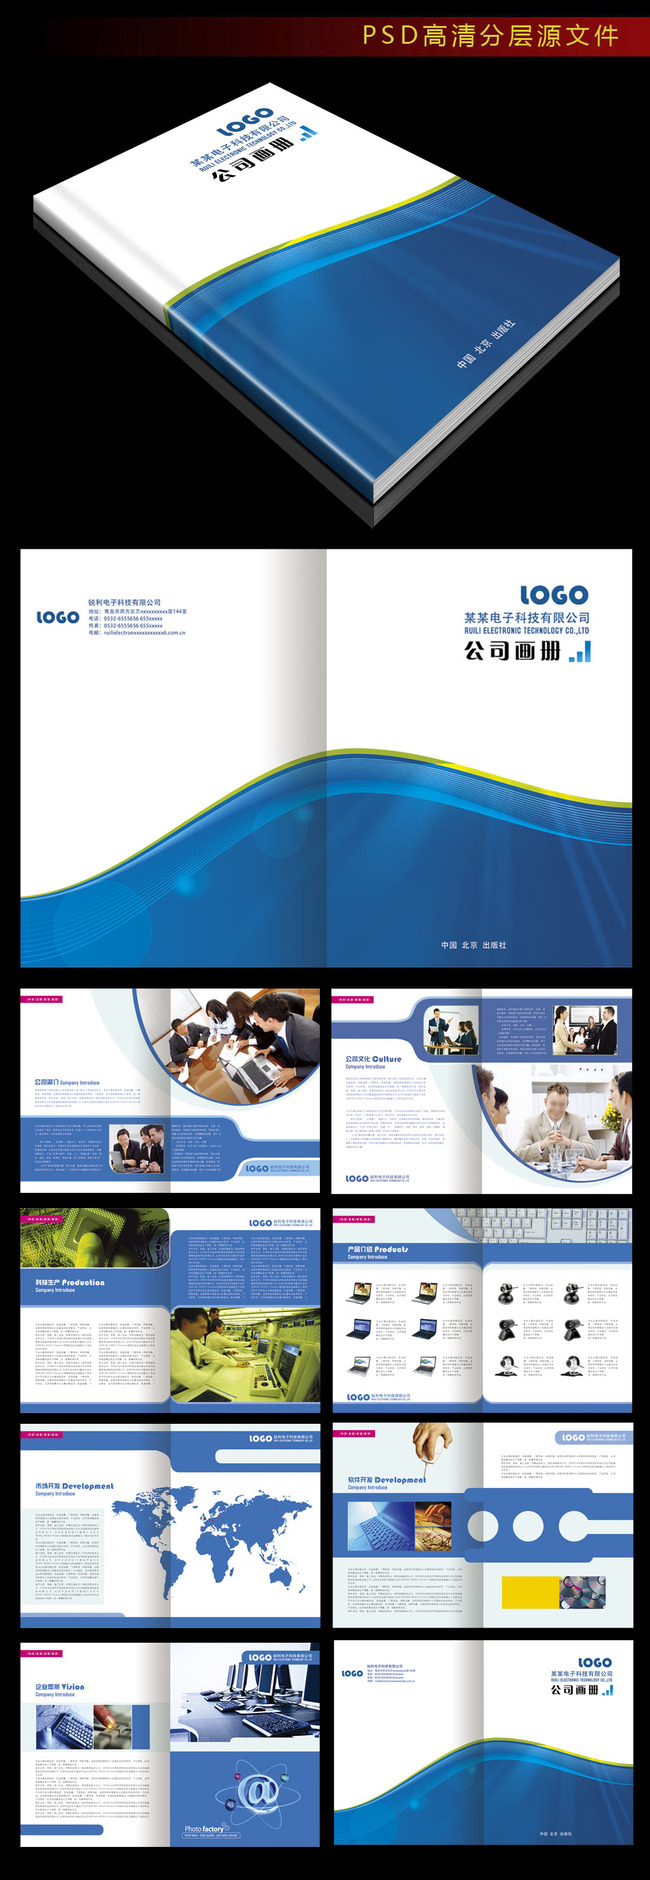 大气画册设计模板分享展示